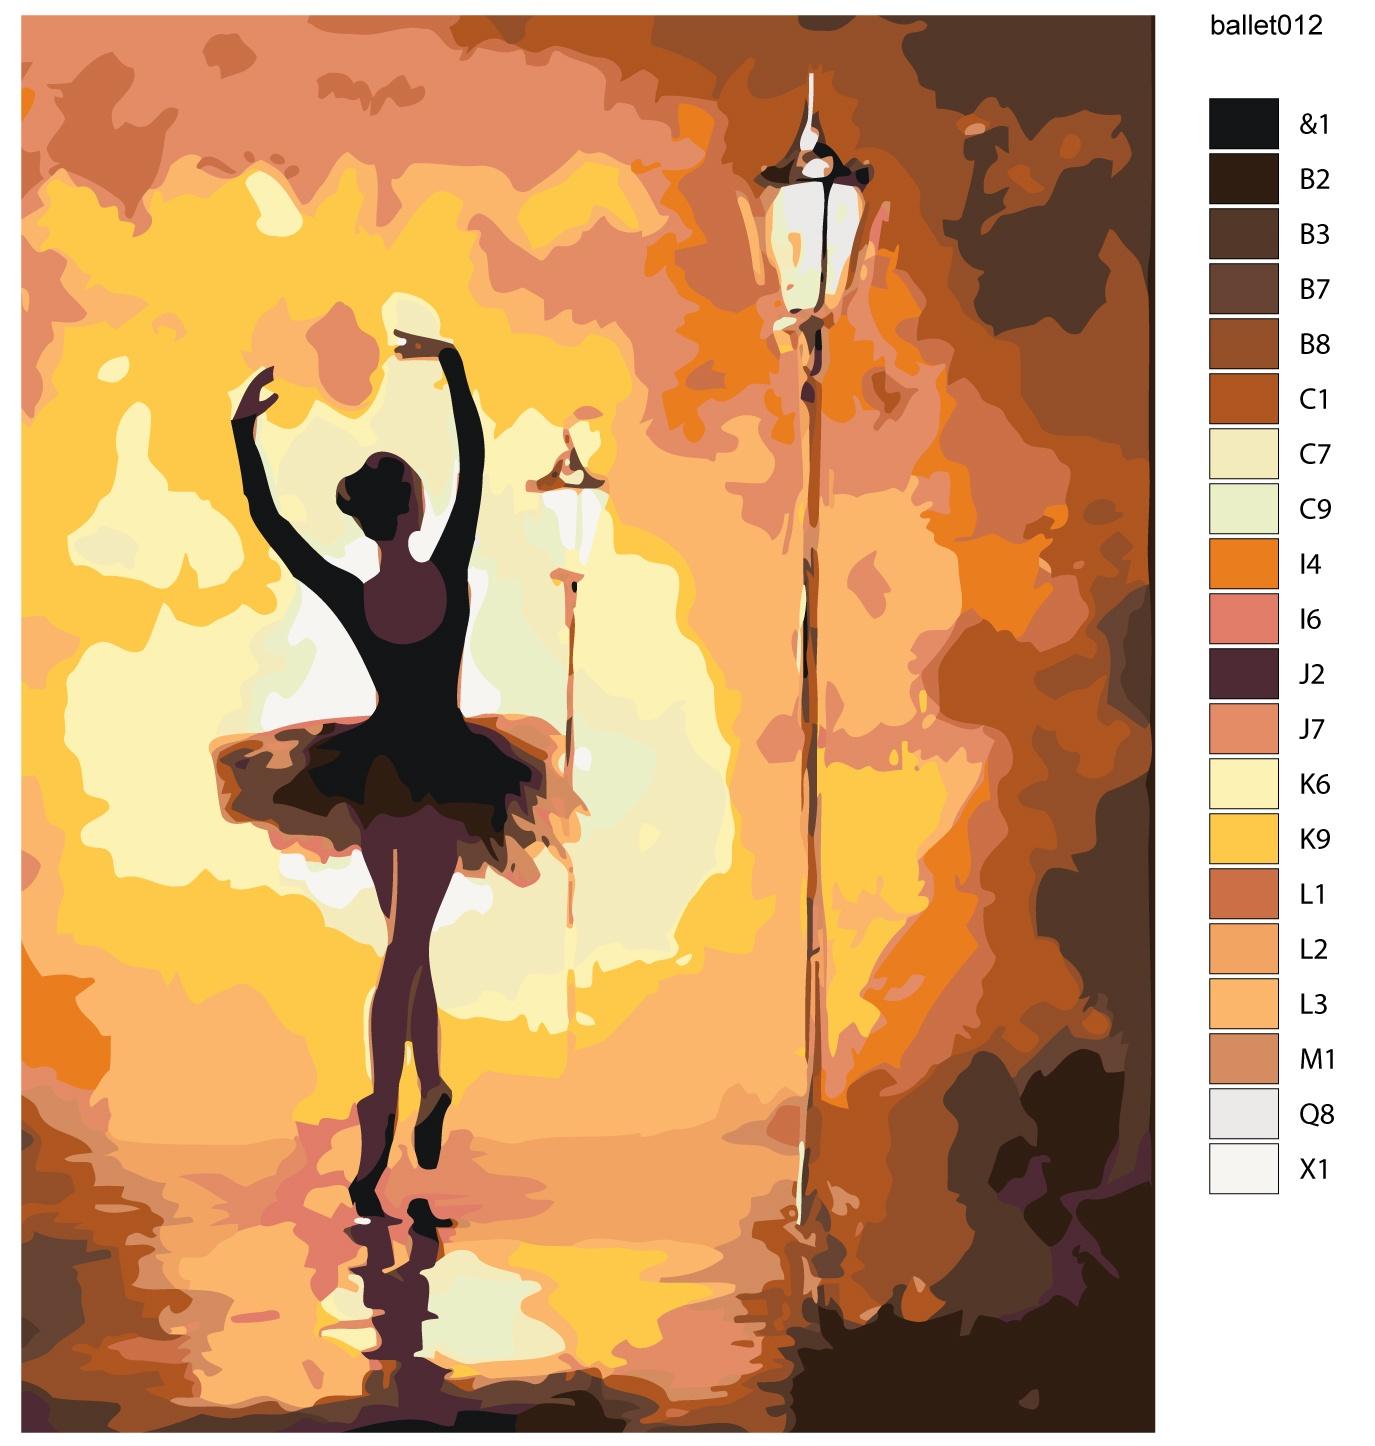 Картина по номерам, 80 x 100 см, KTMK-ballet012